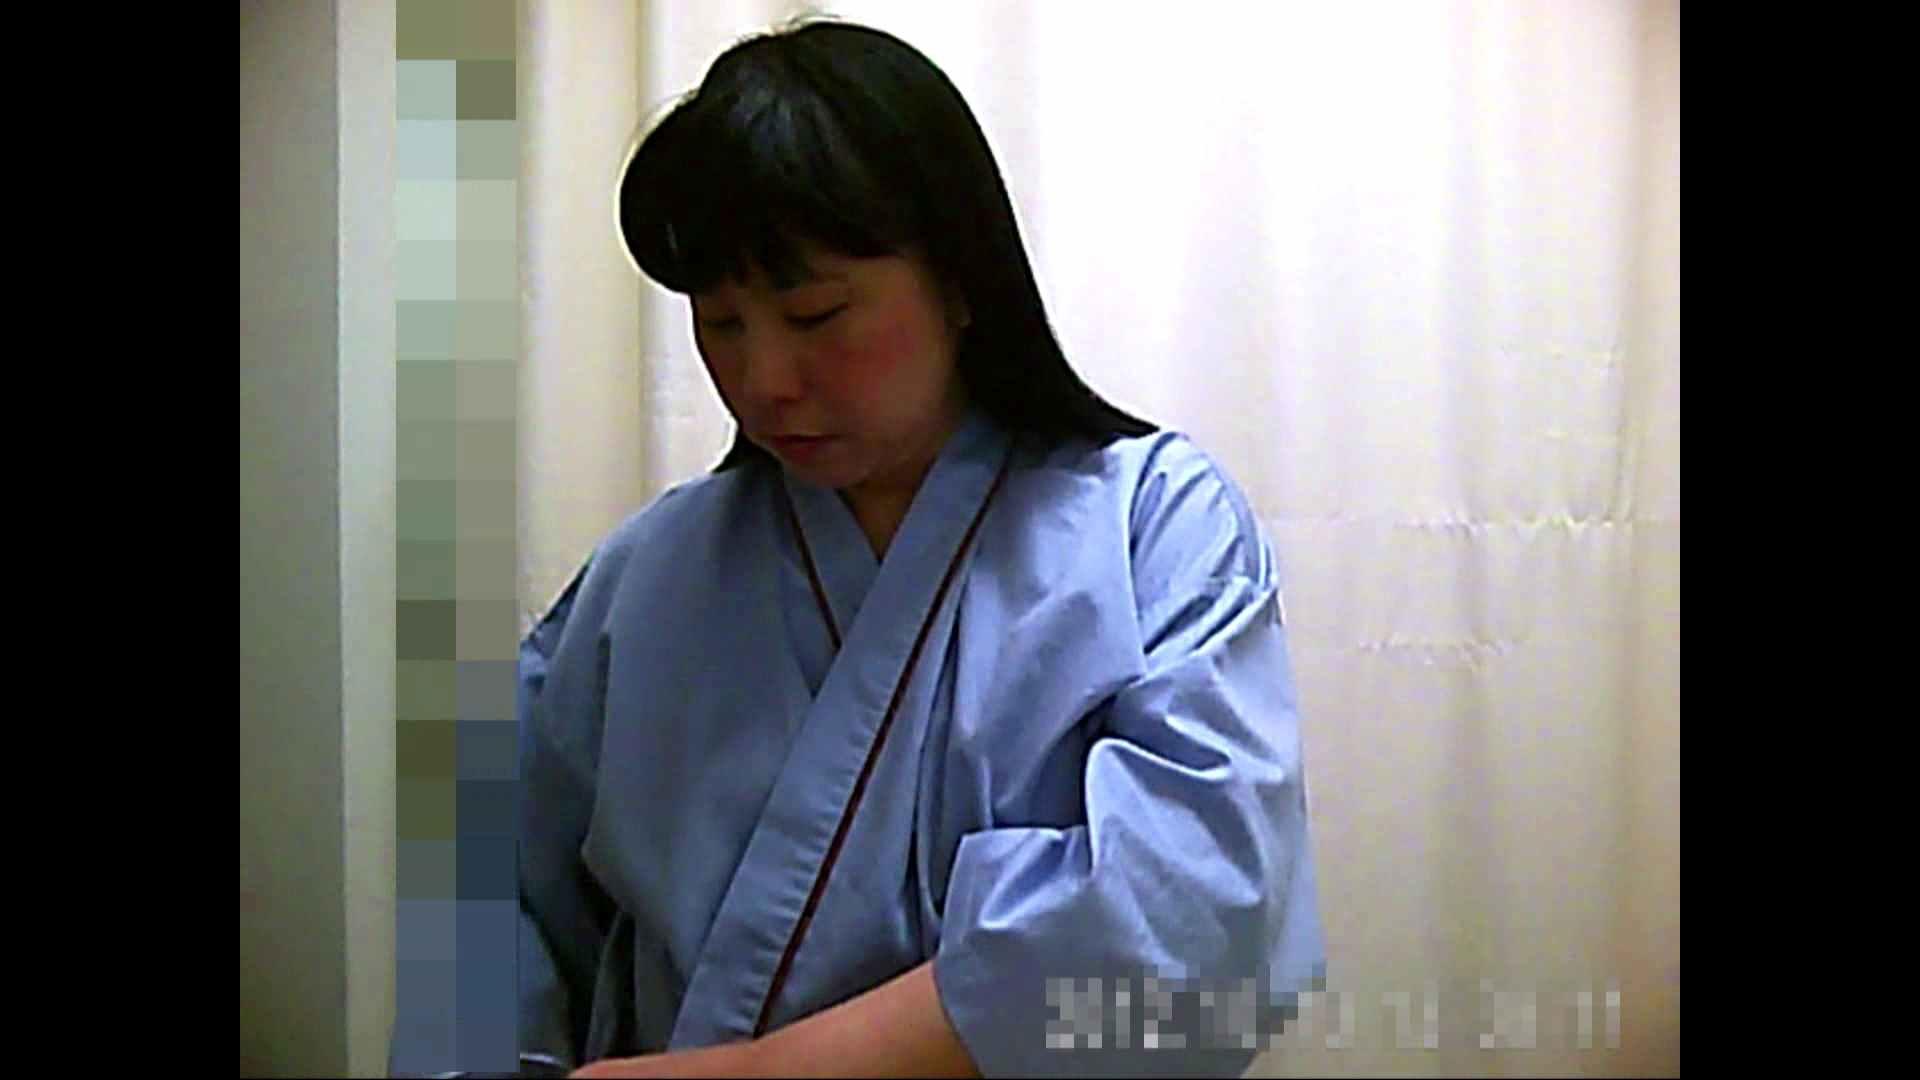 元医者による反抗 更衣室地獄絵巻 vol.059 ギャル  105PIX 46